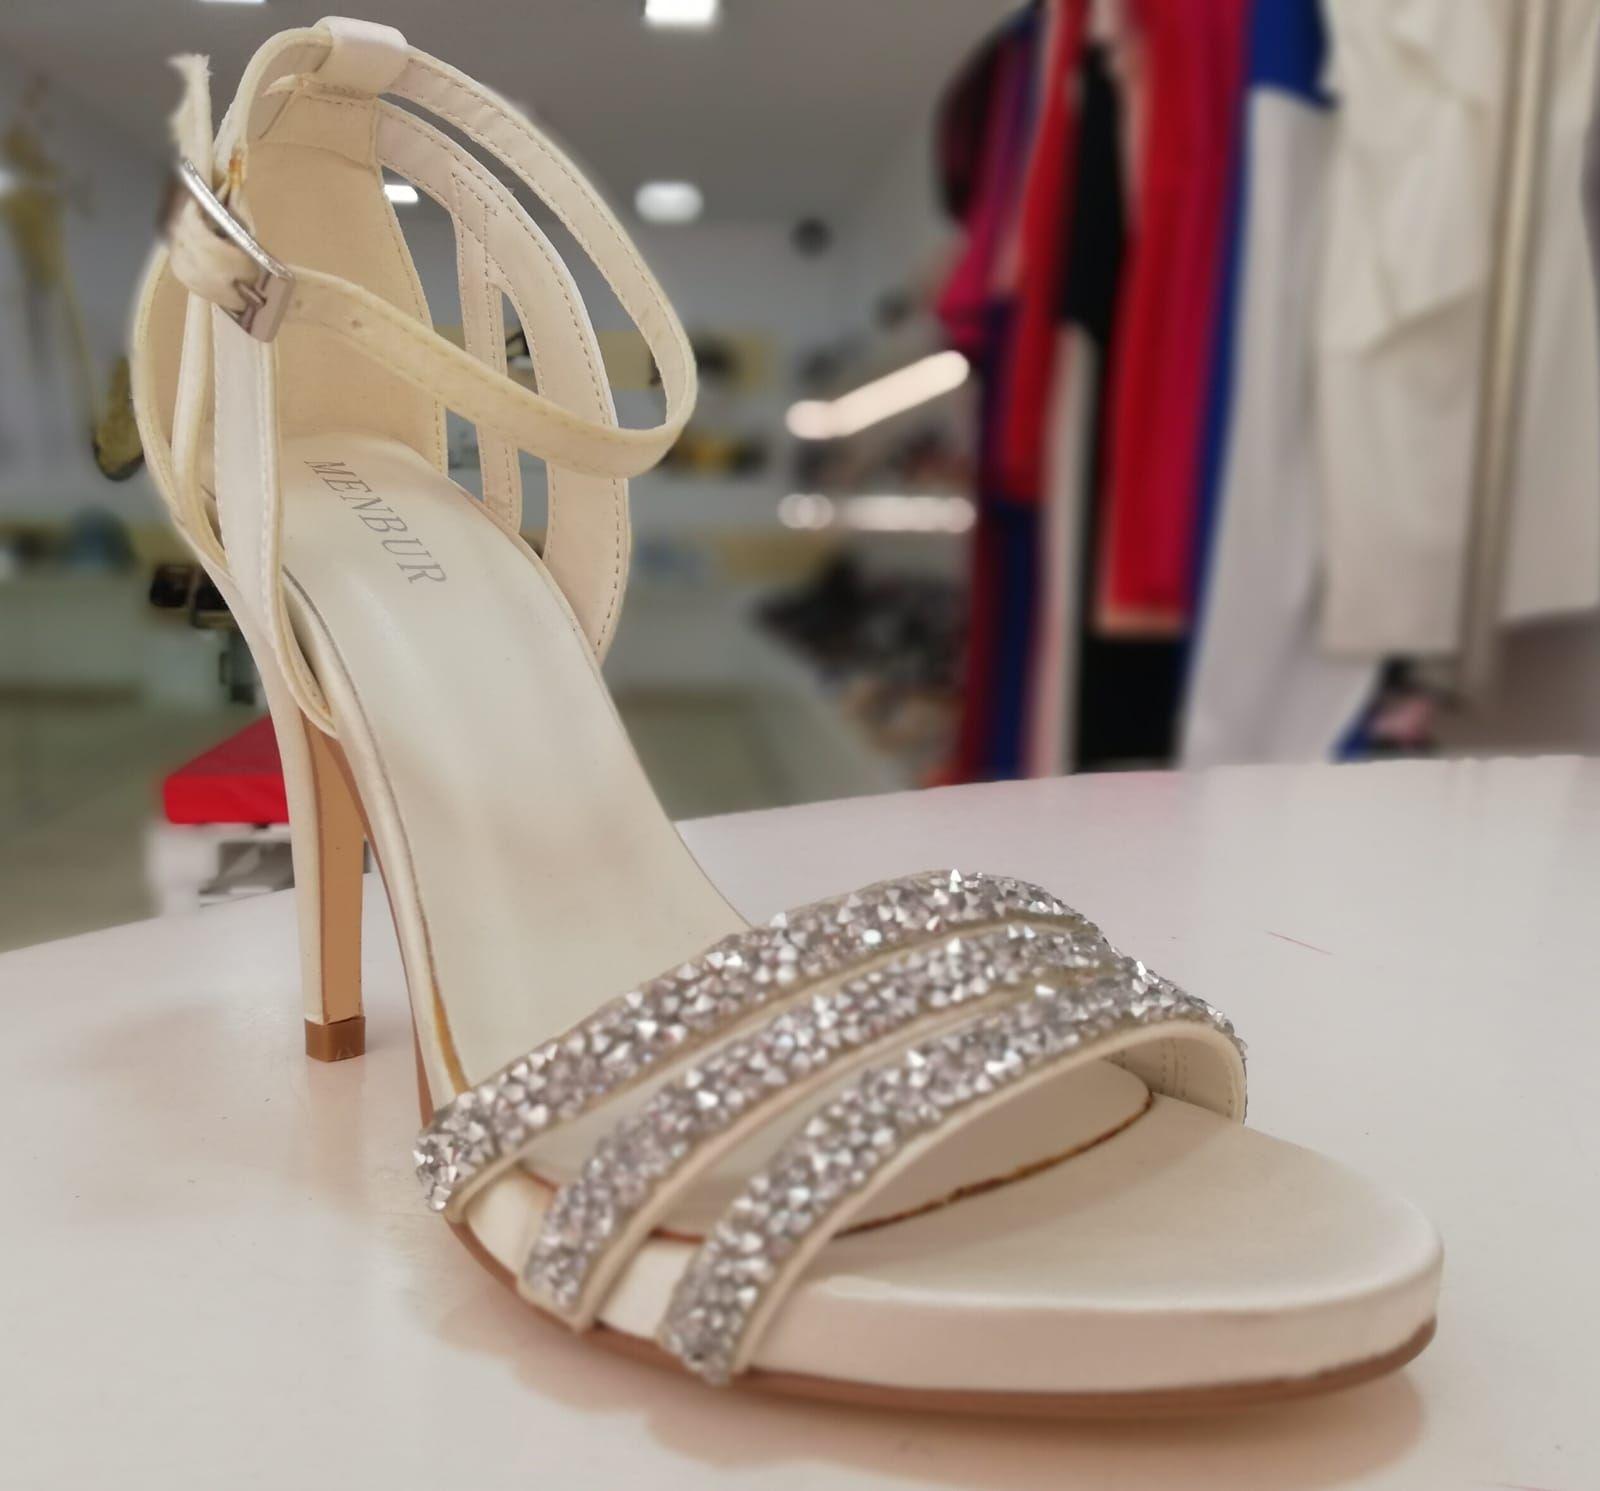 Moda en calzado femenino en Murcia